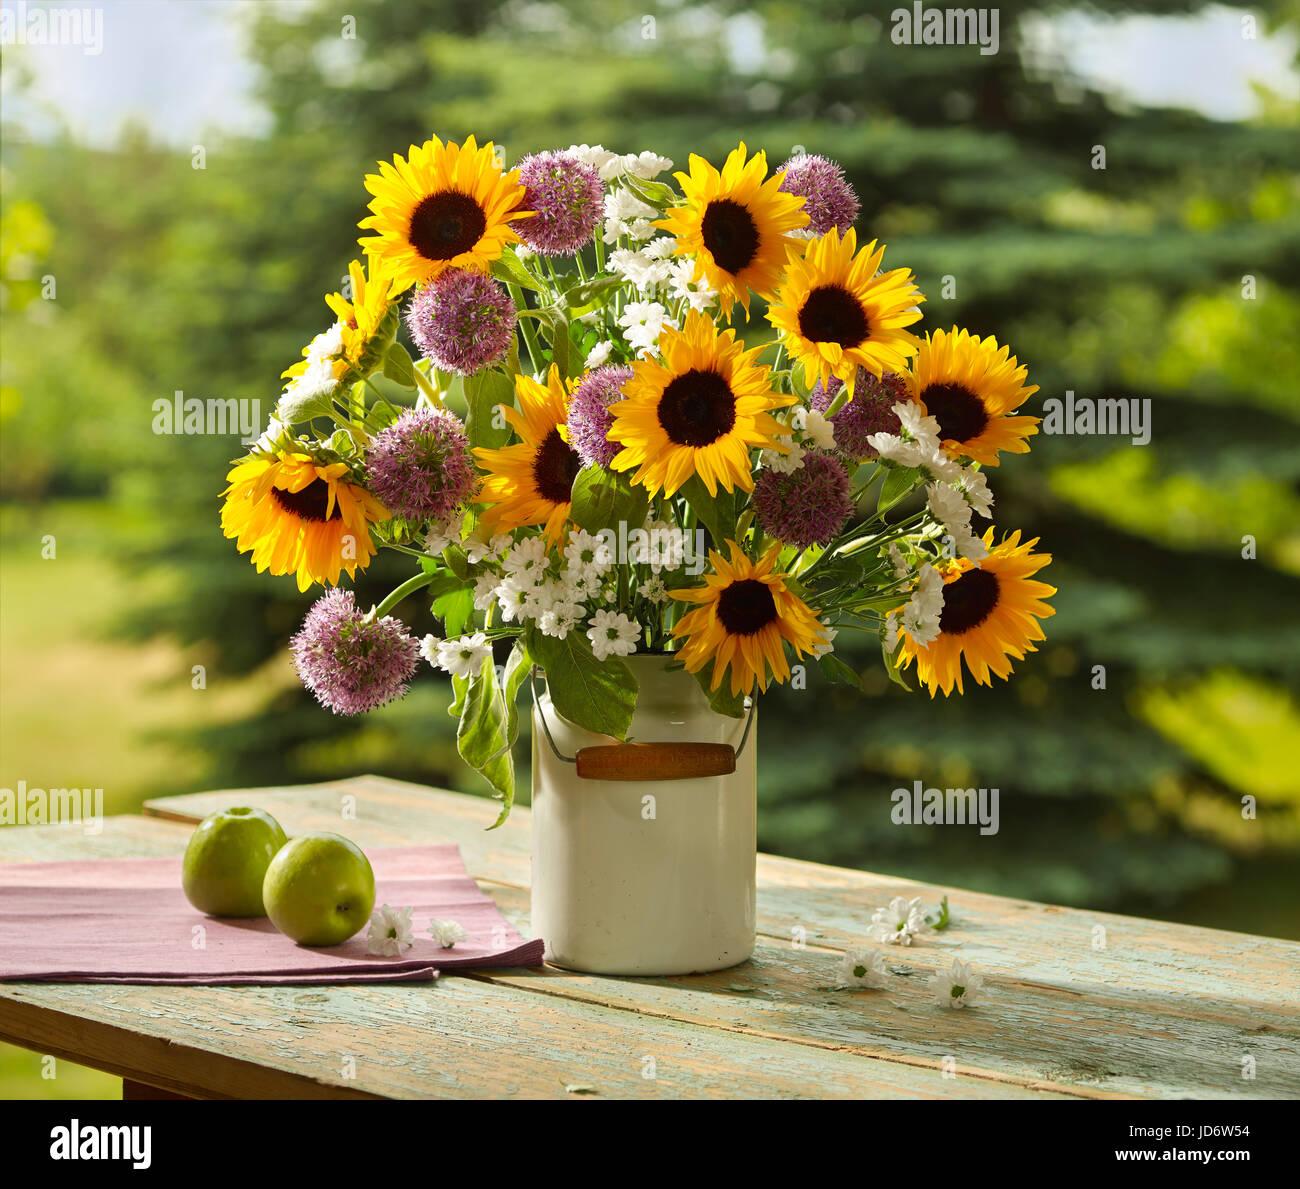 bouquet de fleurs de tournesol banque d'images, photo stock